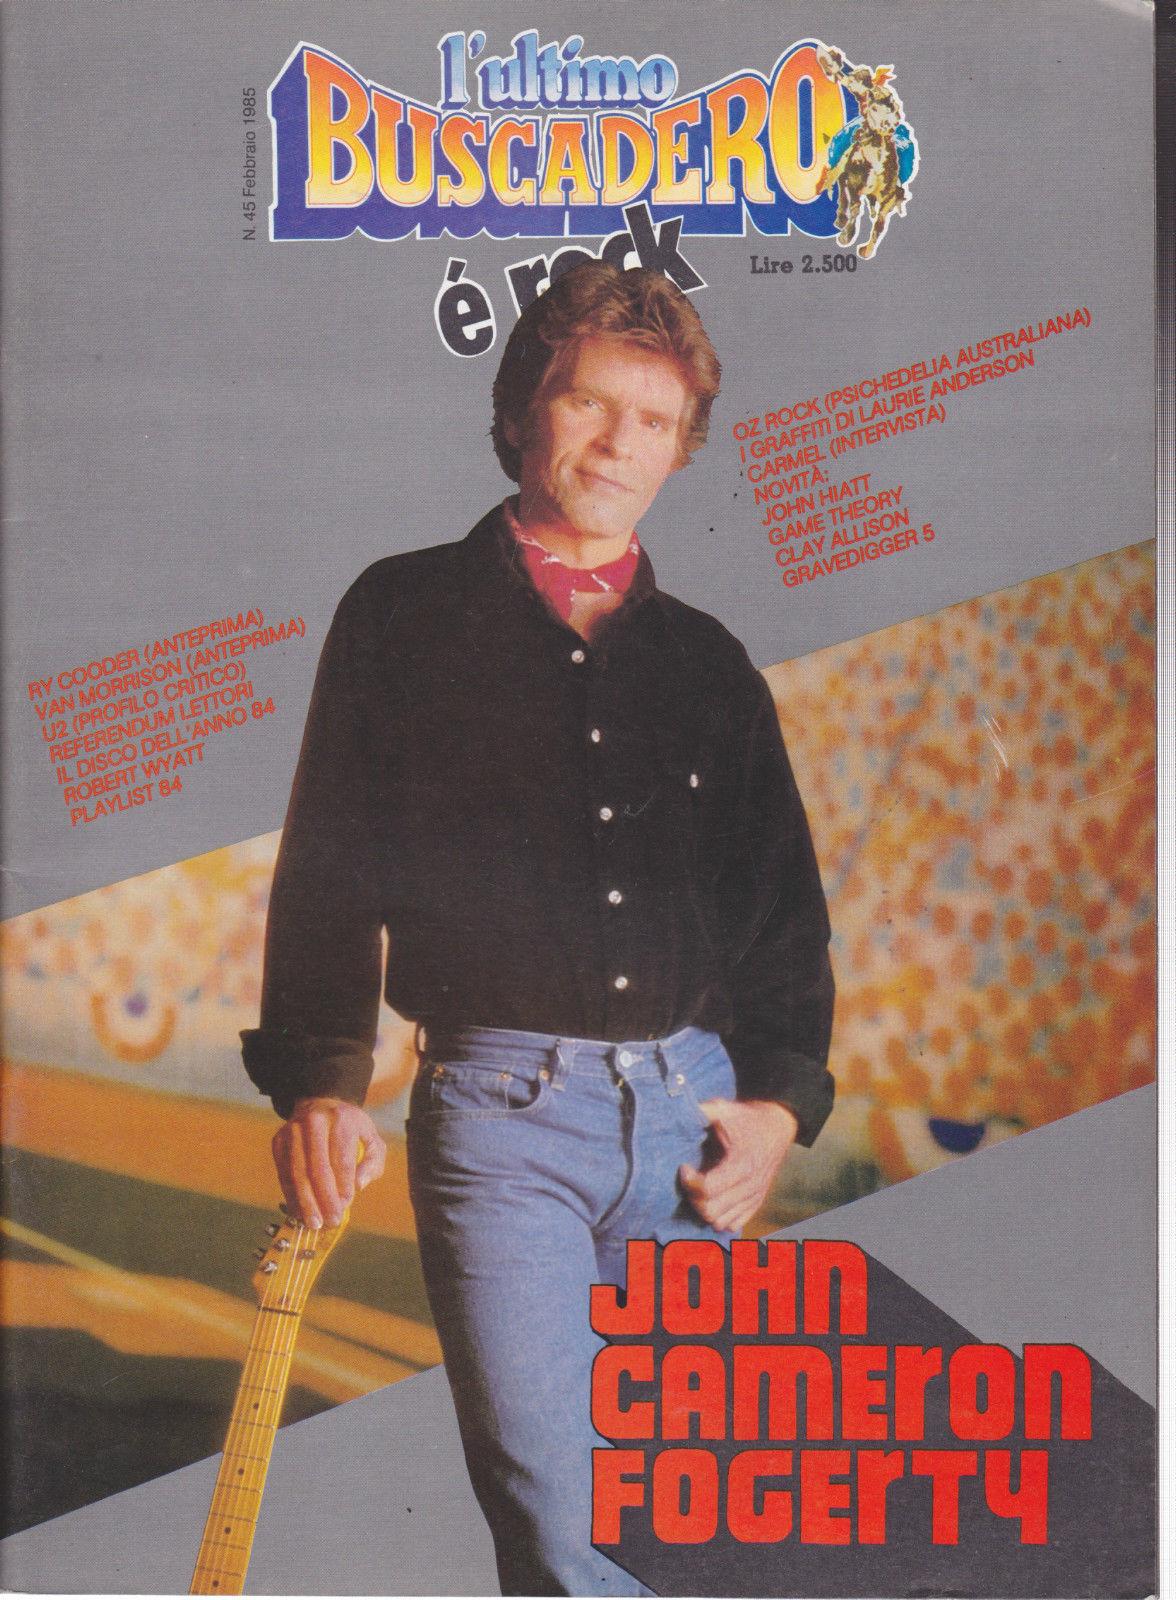 L'ultimo buscadero n. 45 (febbraio 1985)